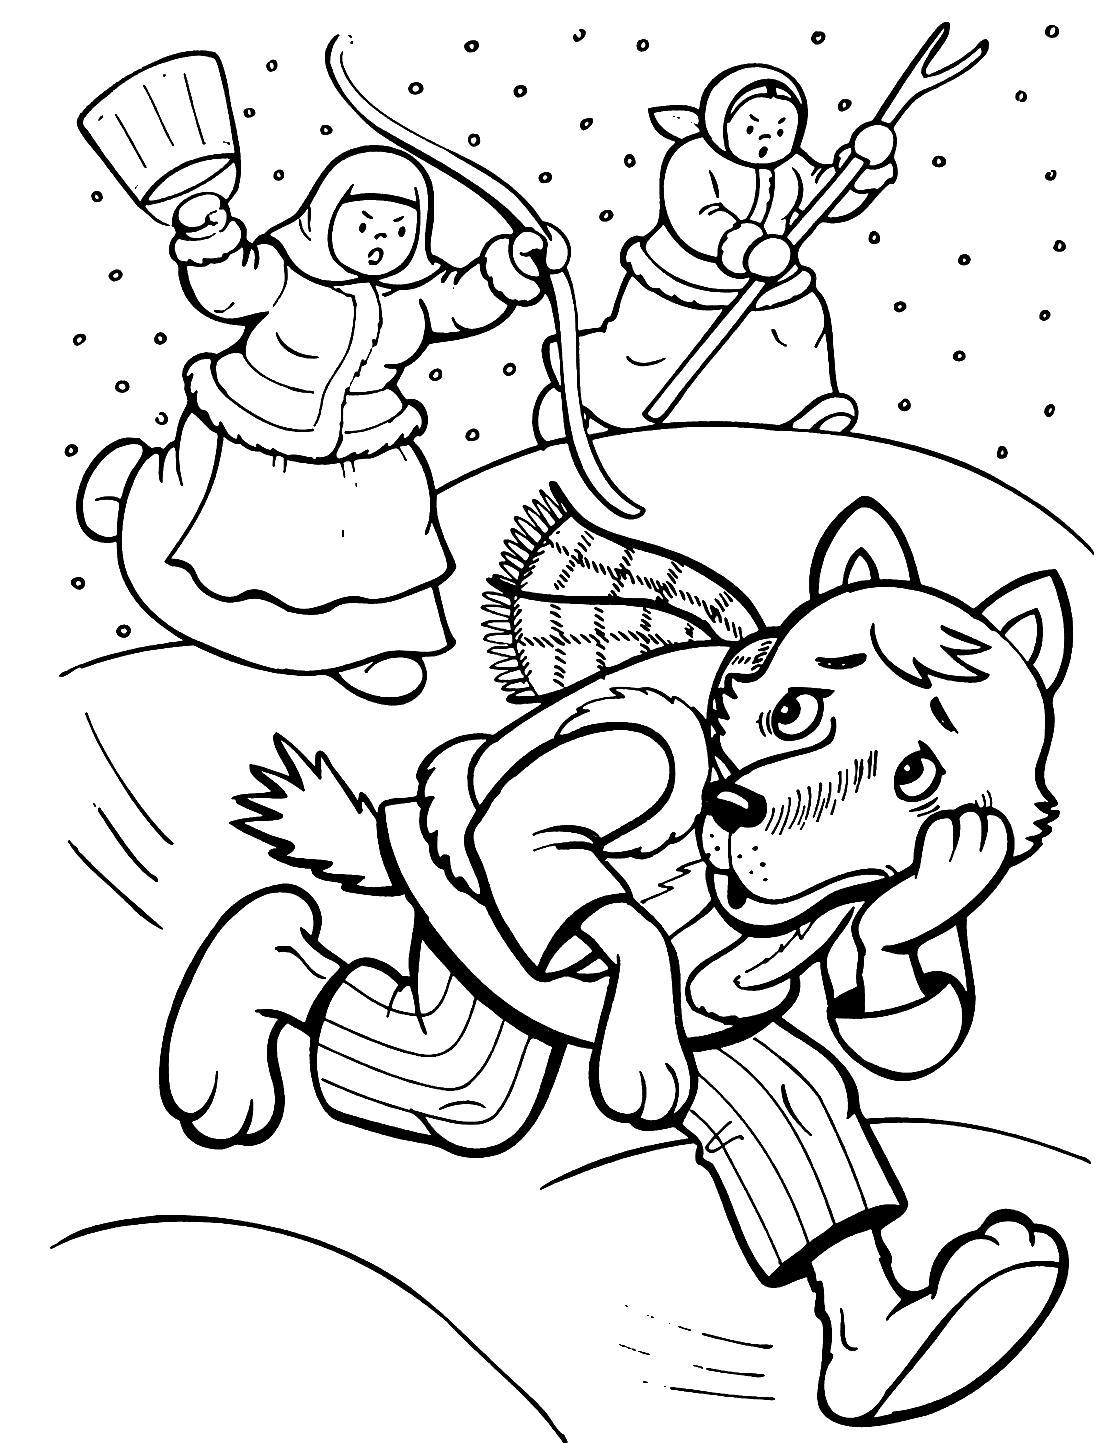 Раскраска к сказке Волк и лиса распечатать для детей бесплатно